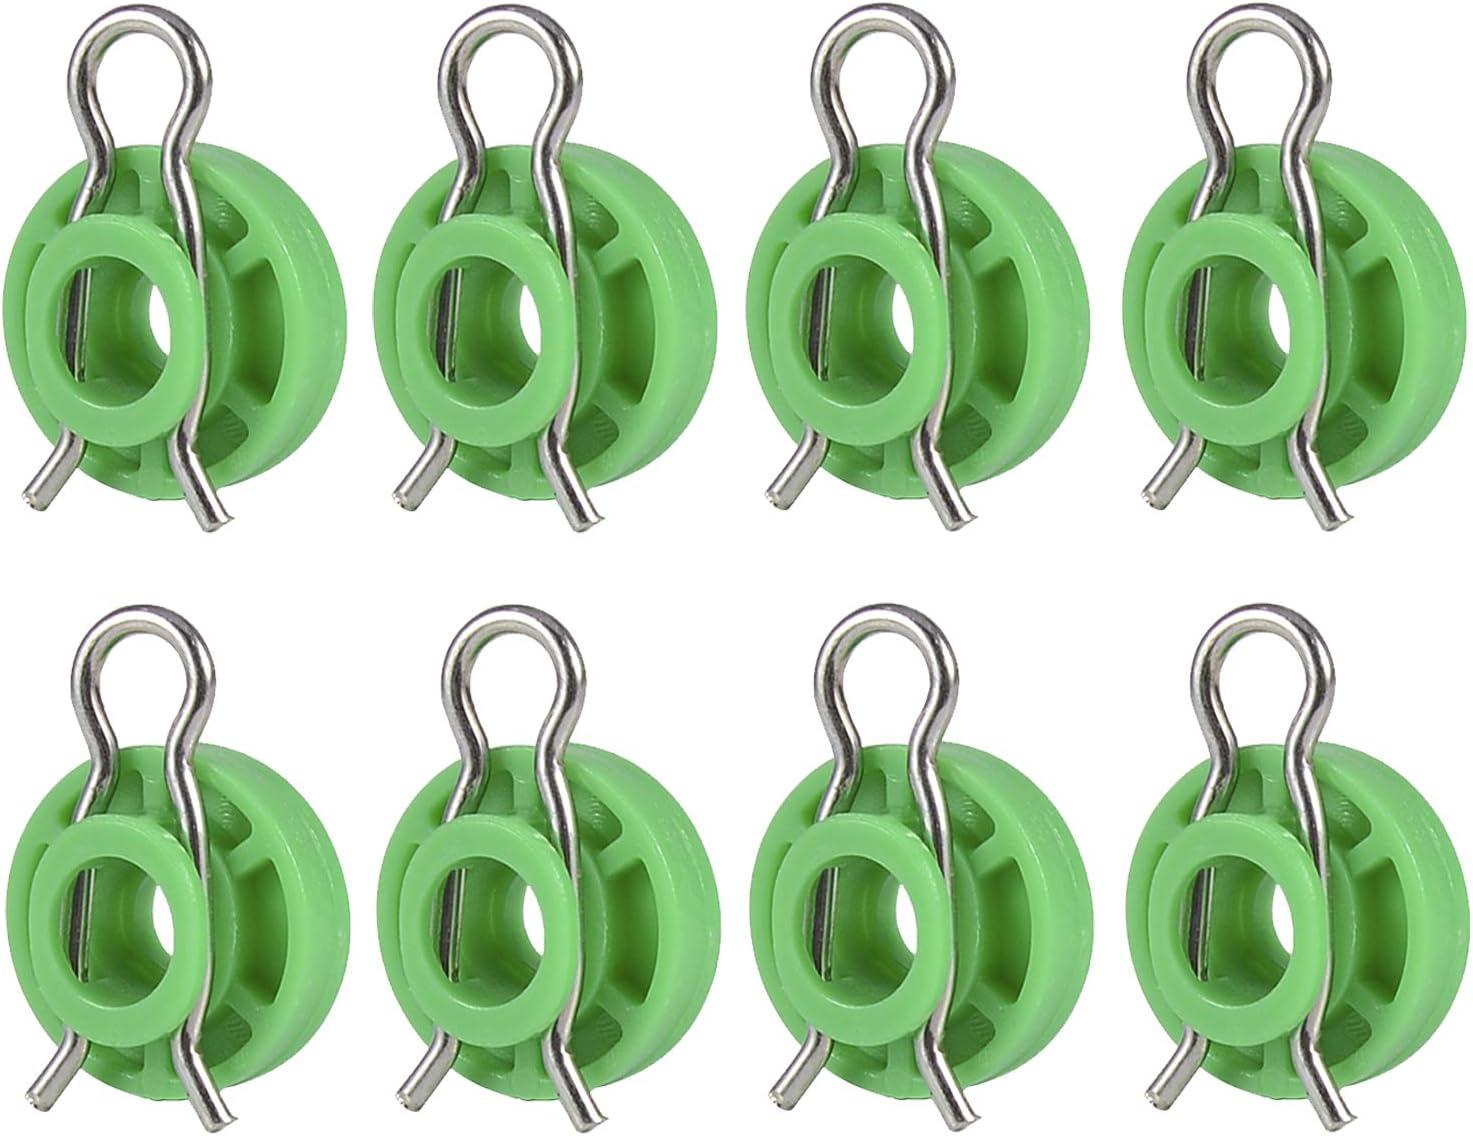 BingSnow 8 Pcs Window Regulators Sliding Pivot Guide Roller Clip Fastener for Volvo 850 V70 S70 V70XC Sliding Jaw Window Regulator for Saab 9-3 9-5 900